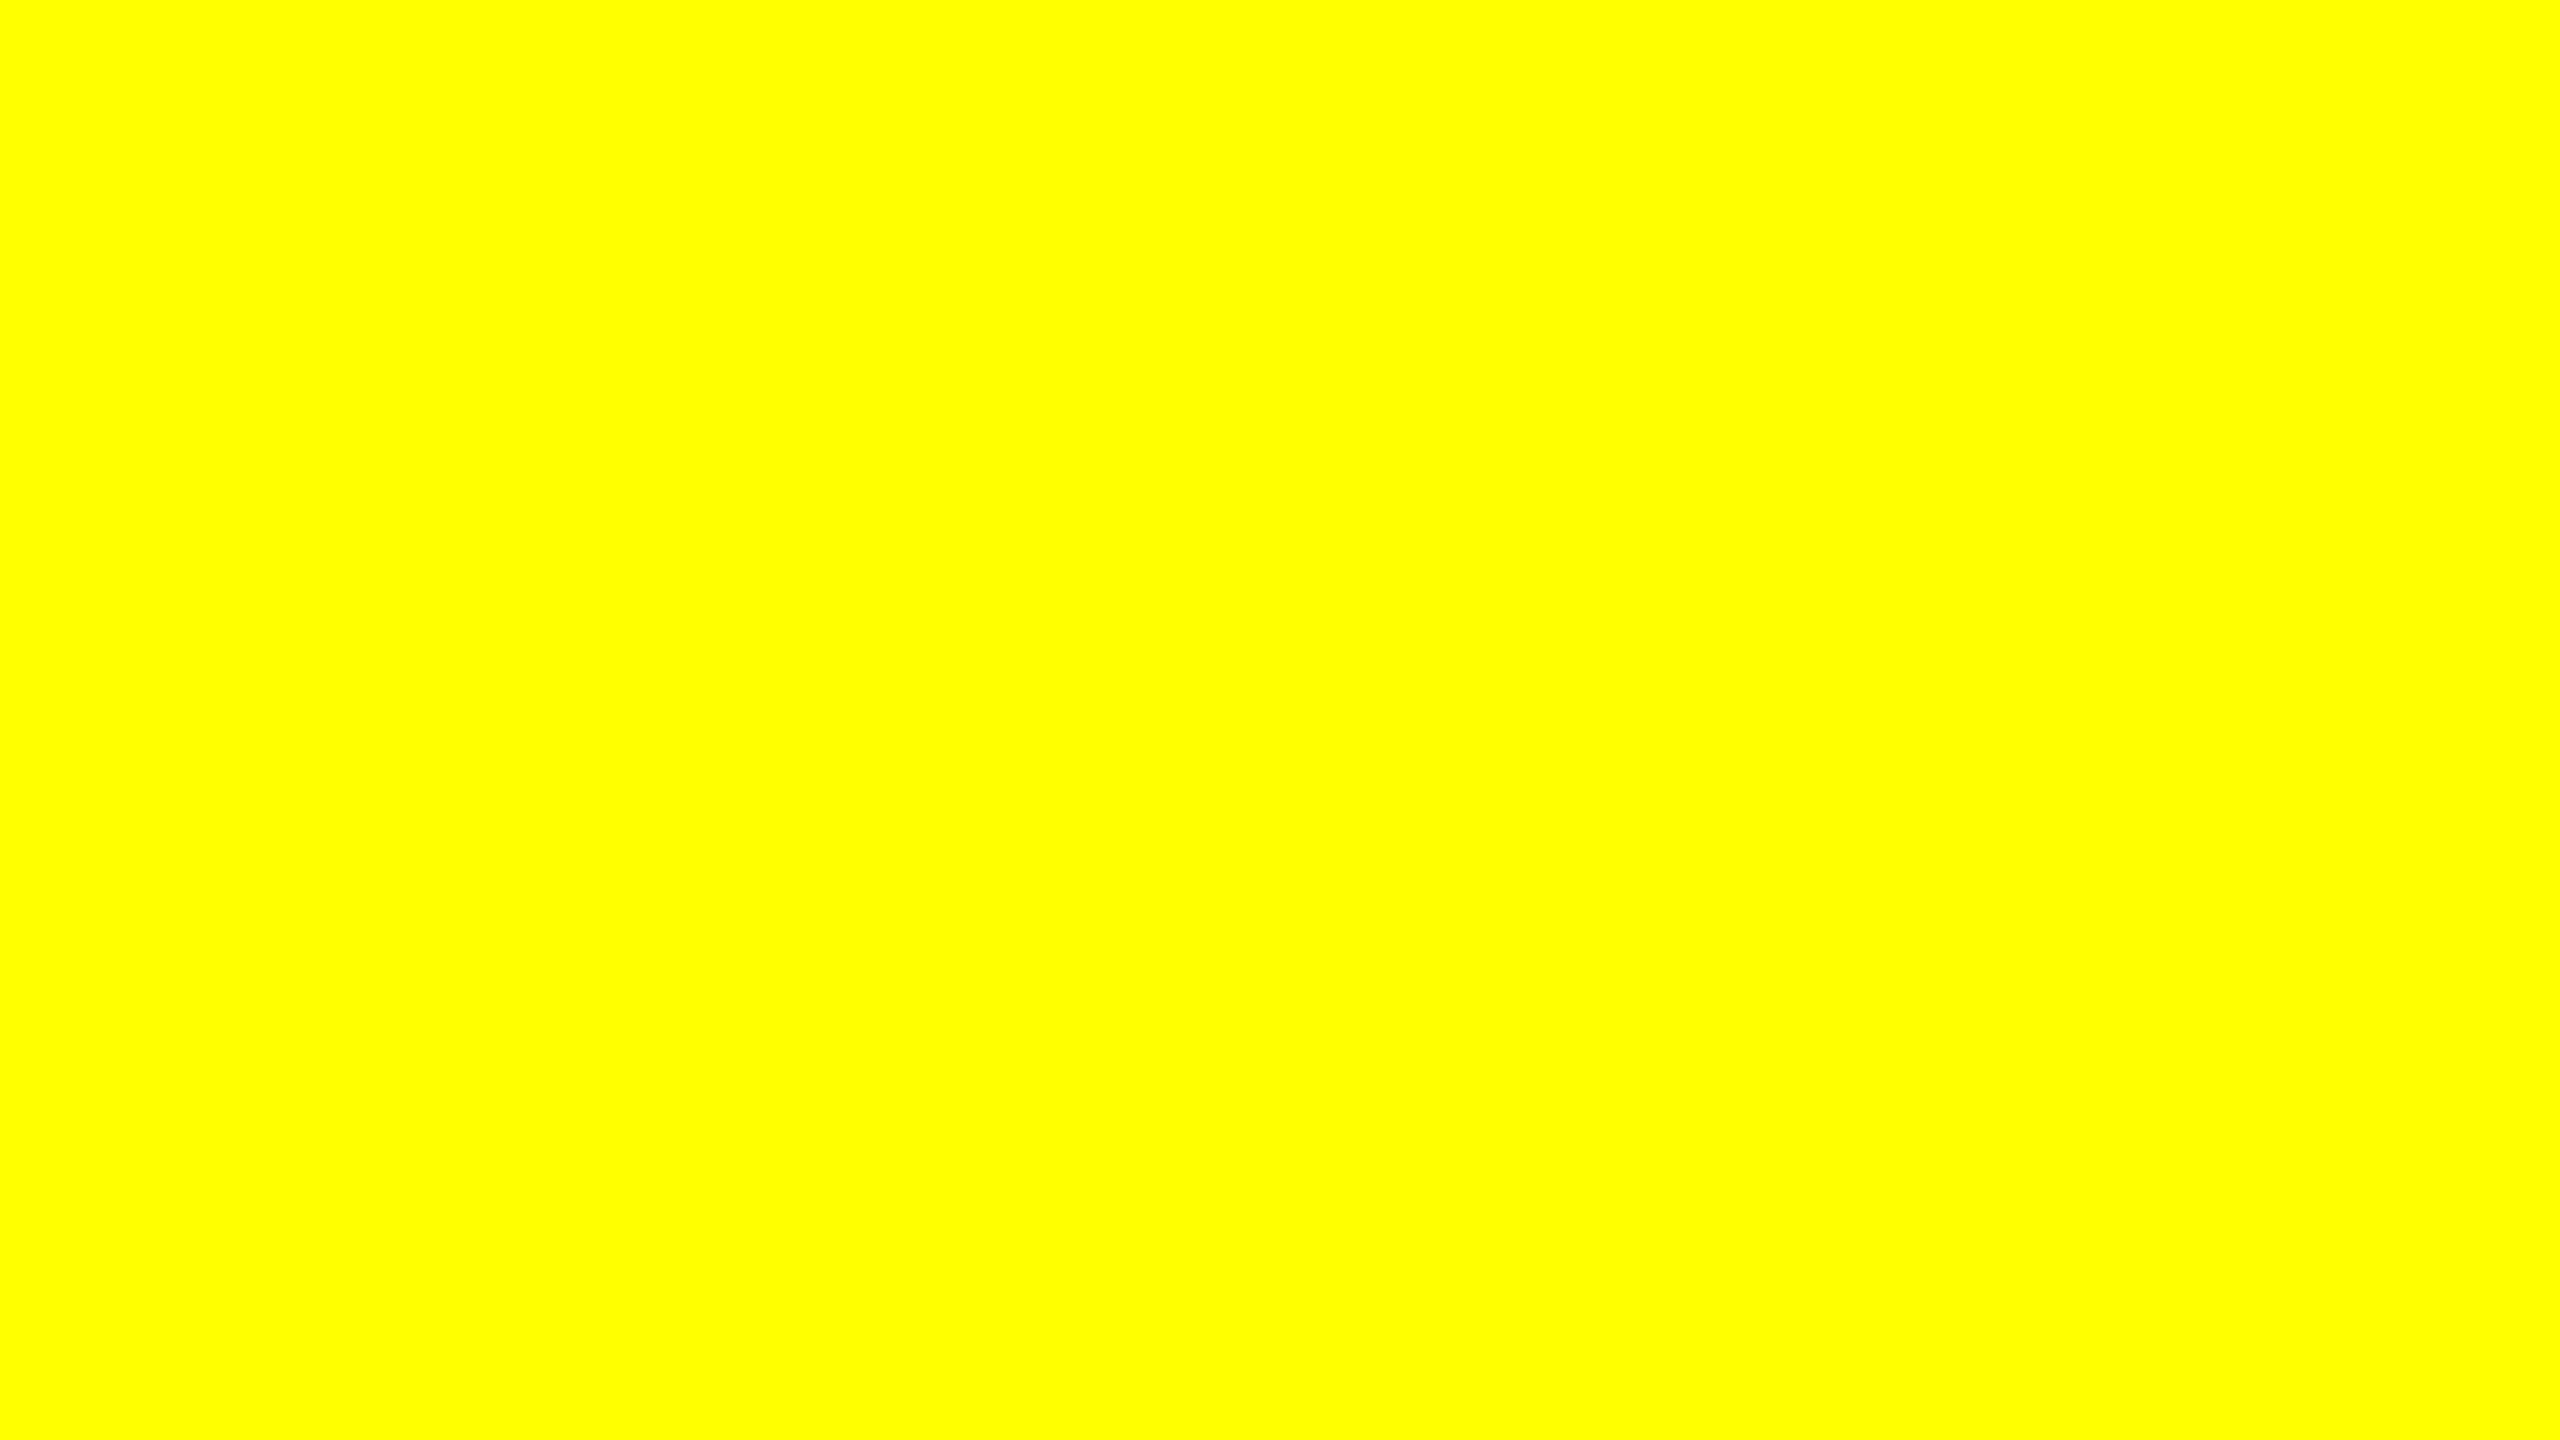 Hình nền màu vàng 2560x1440